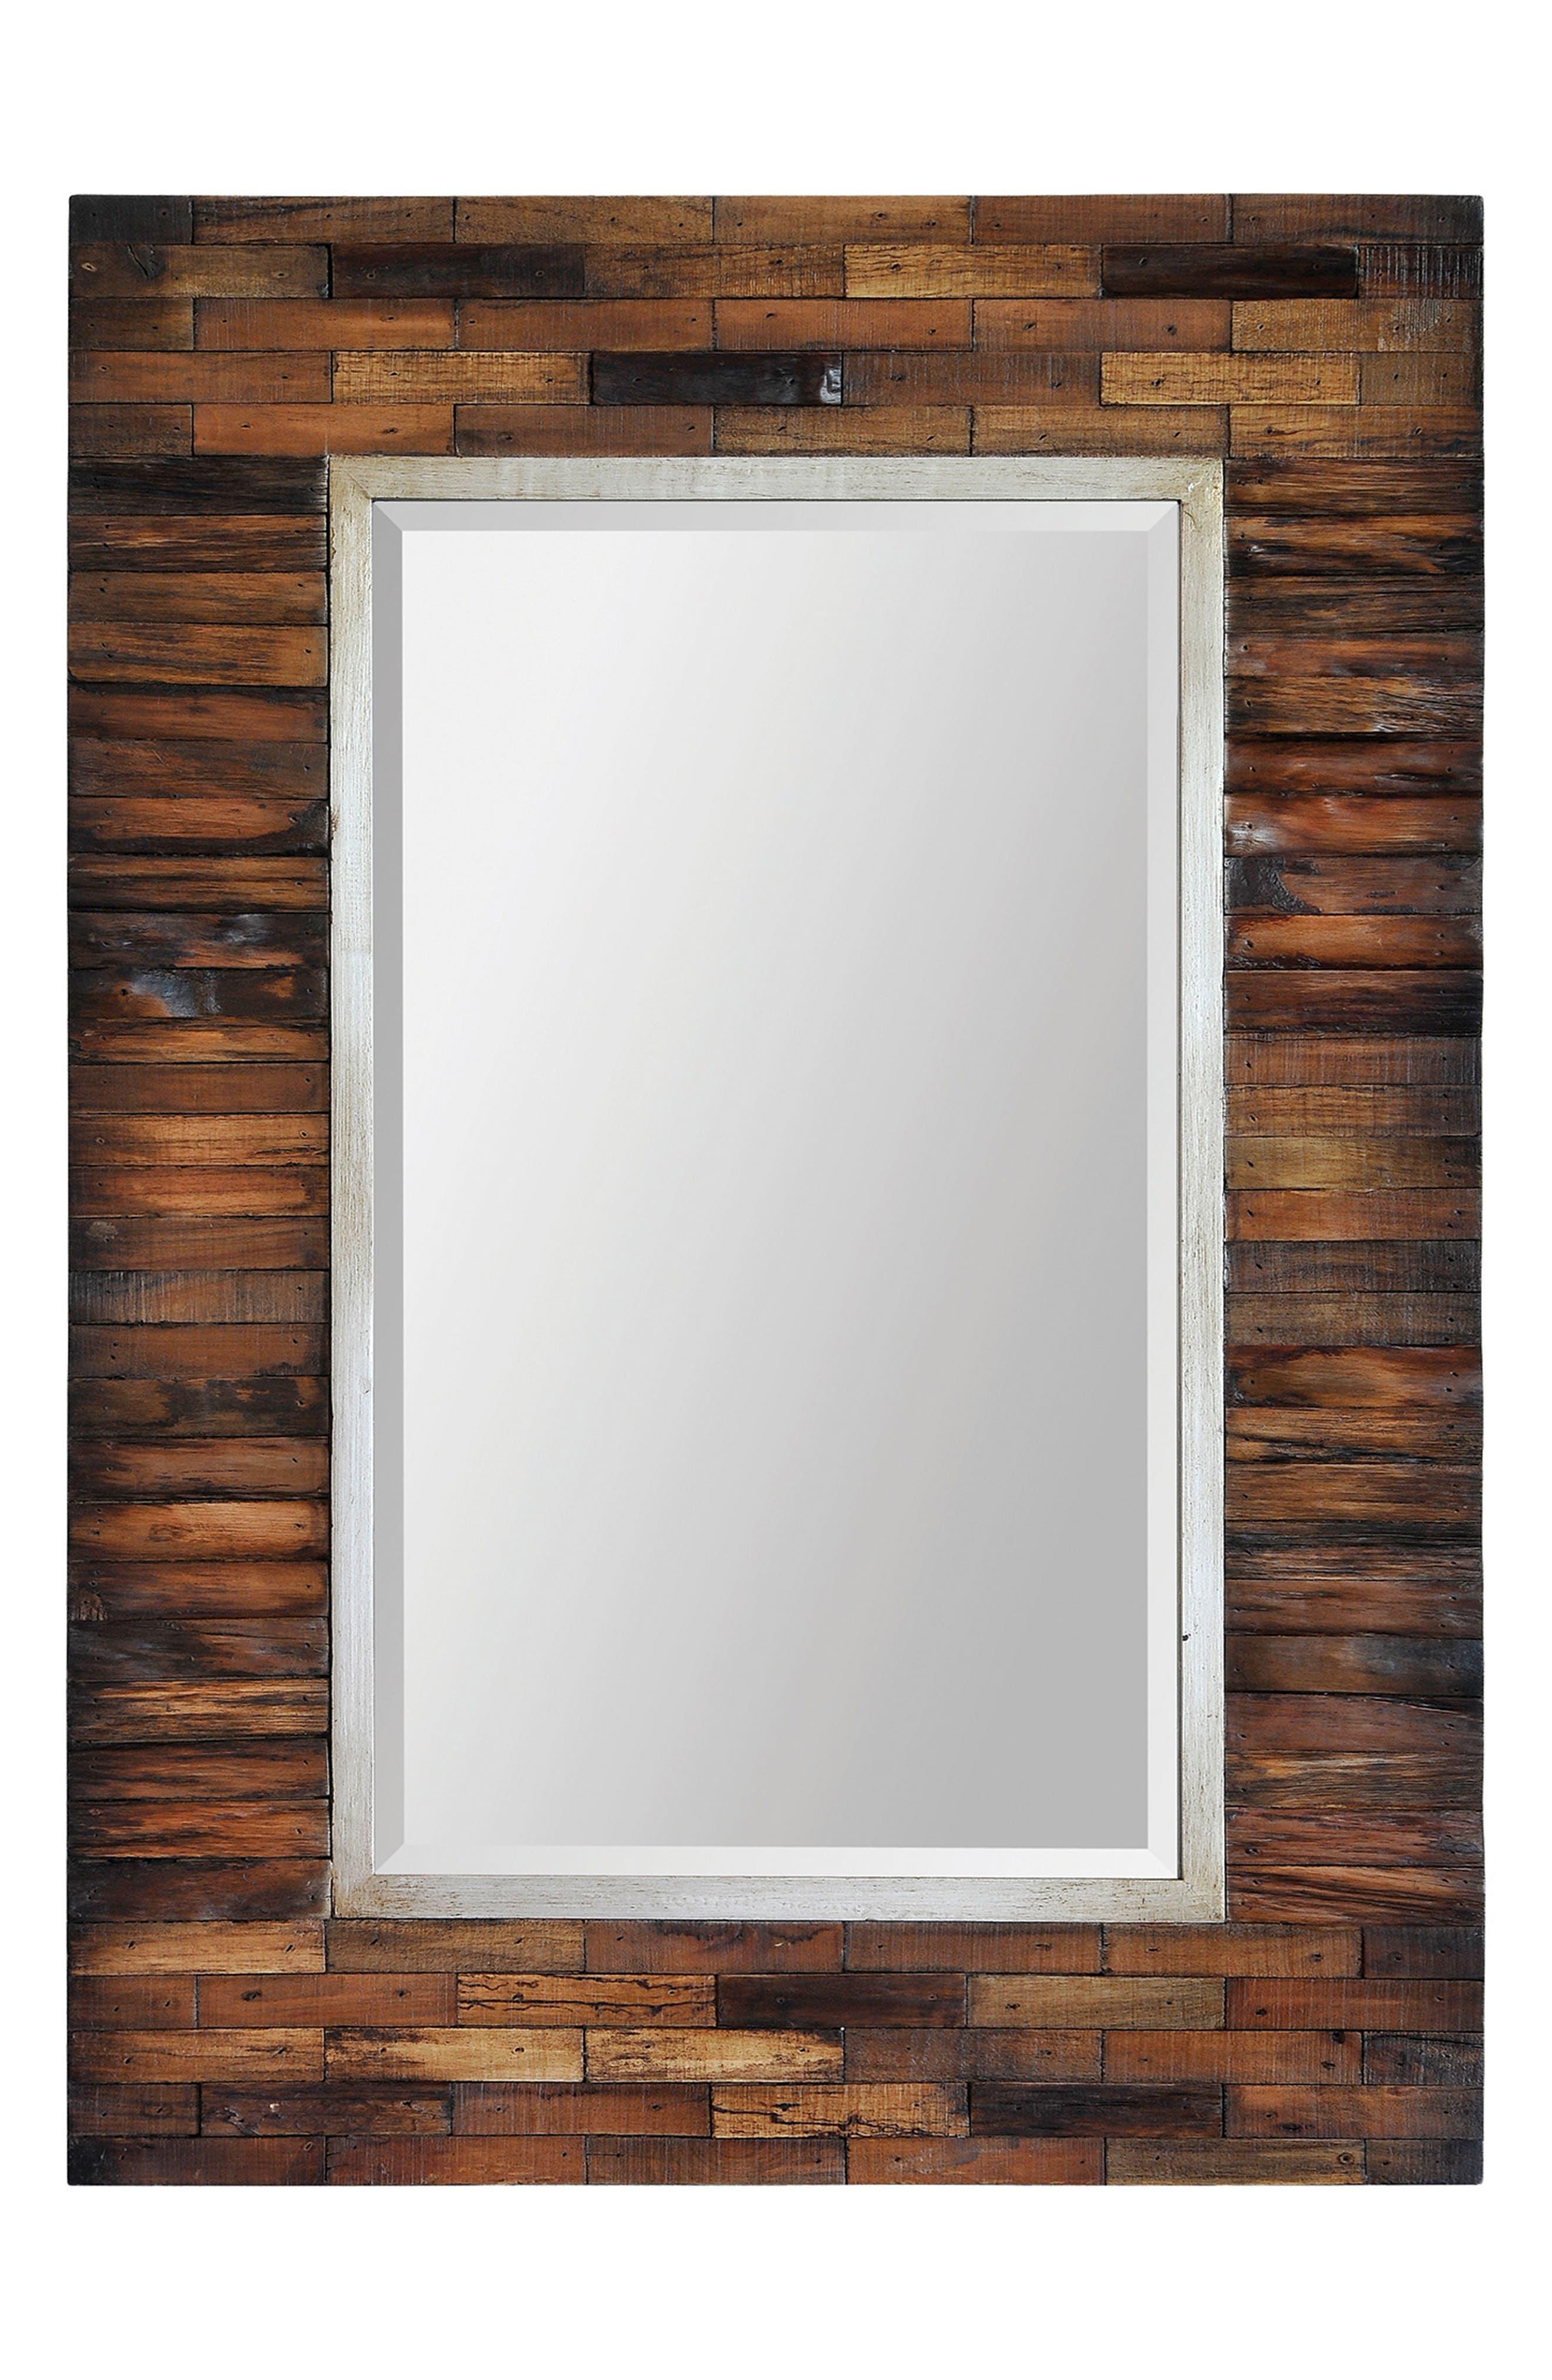 Pretoria Wood Mirror,                             Main thumbnail 1, color,                             200